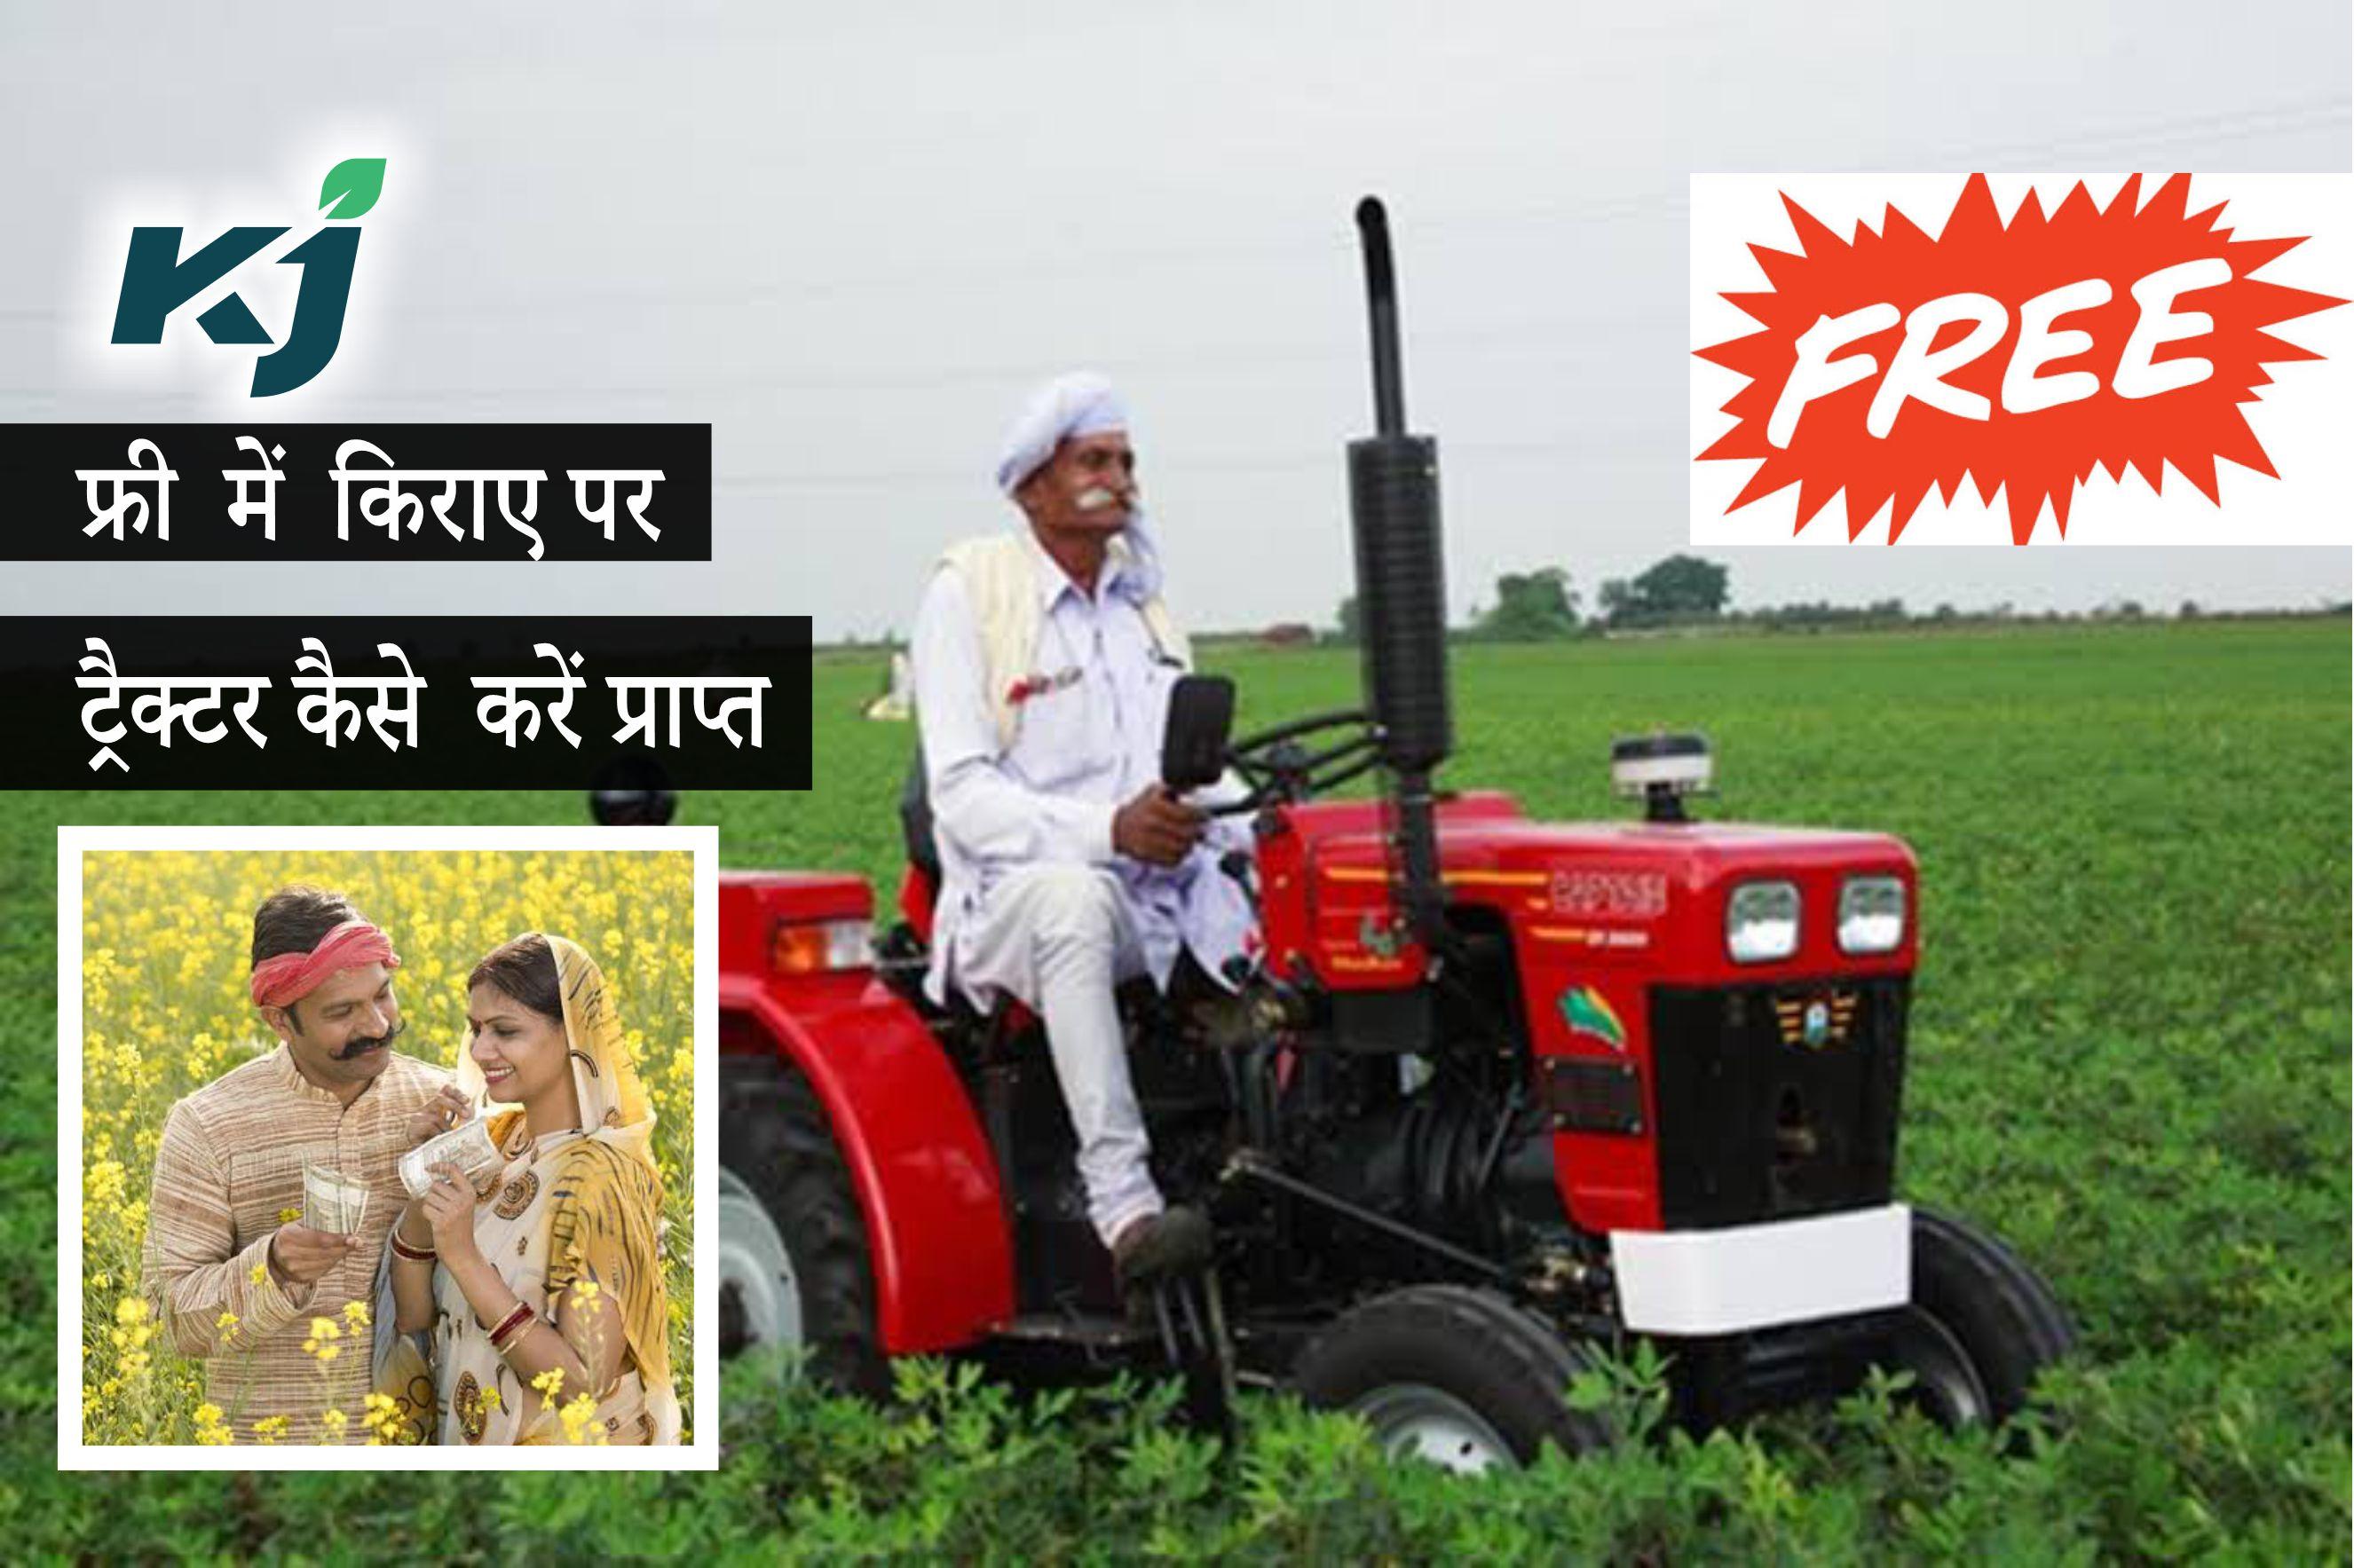 किसानों के लिए खुशखबरी!  TAFE कंपनी खेती के लिए किसानों को फ्री  में  किराए पर दे रही ट्रैक्टर, ऐसे उठाएं लाभ